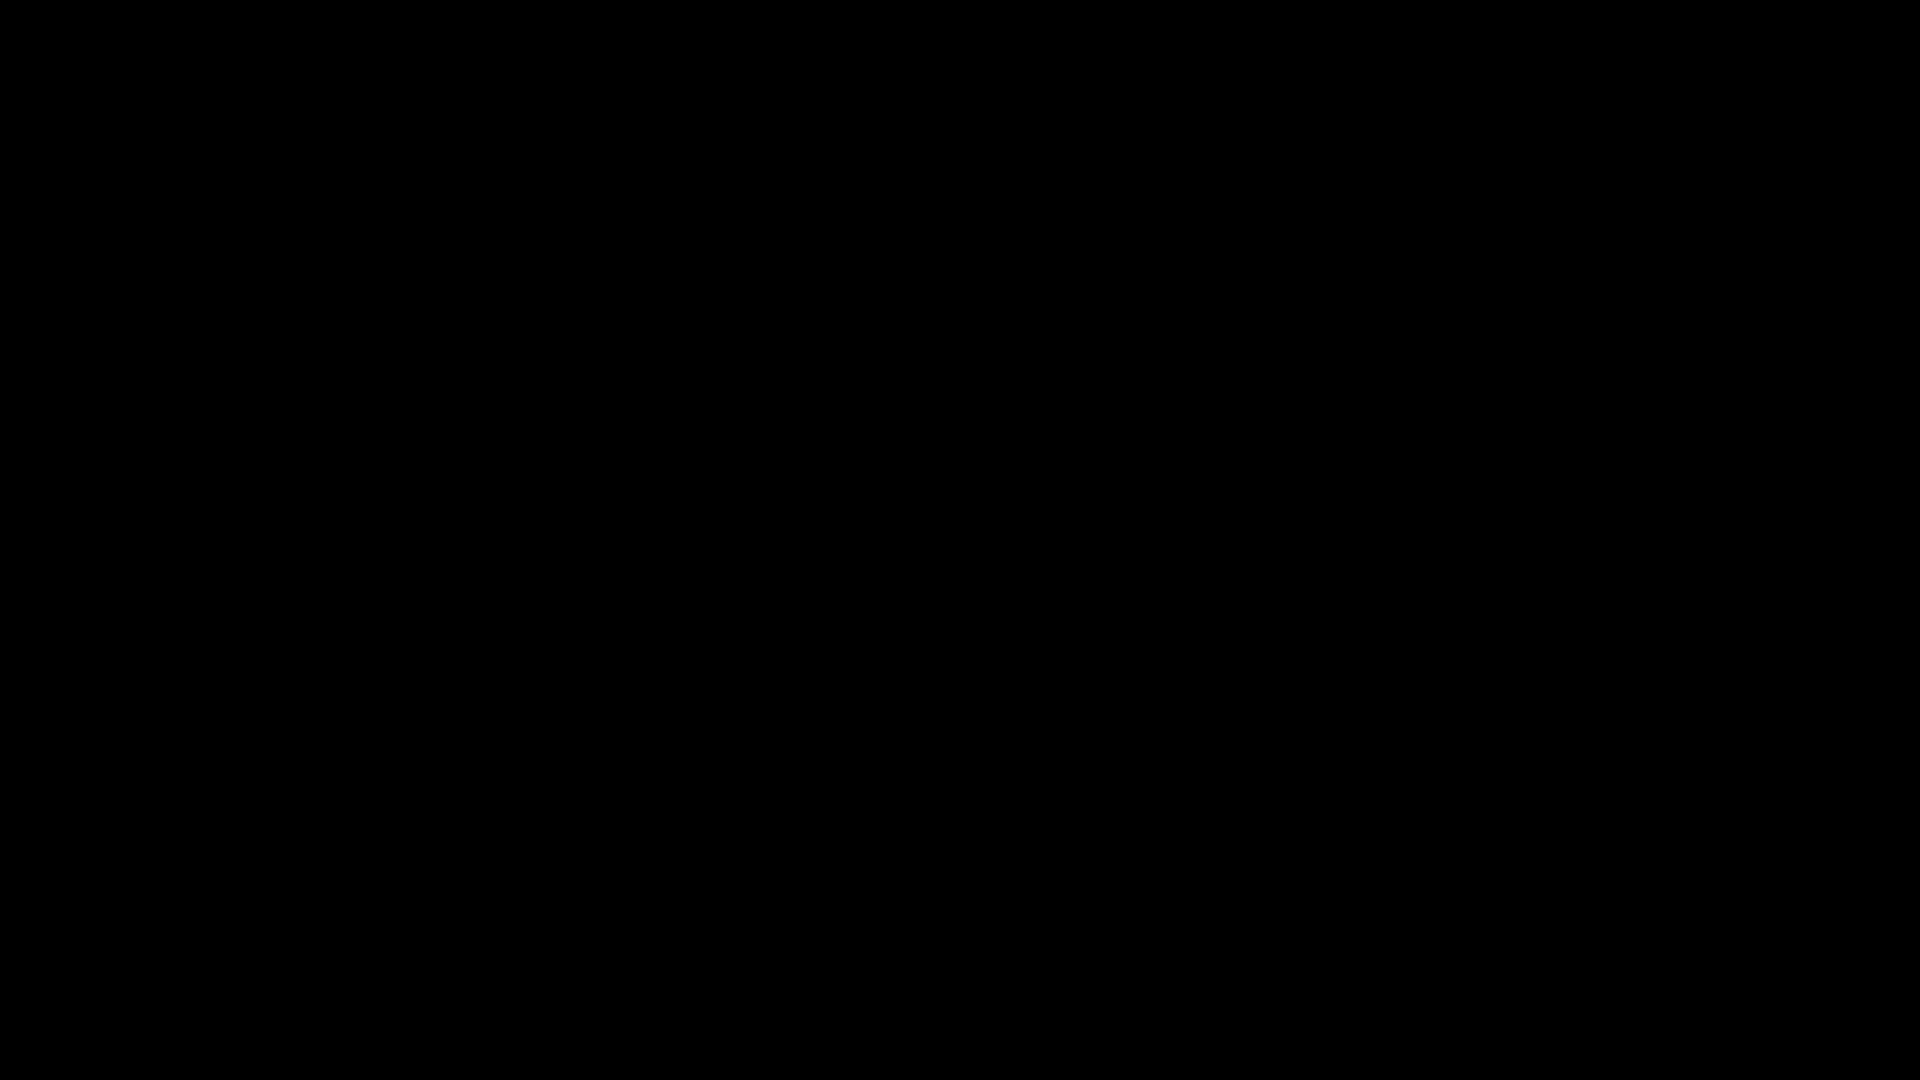 Bí quyết tăng trưởng hai chữ số trong Covid-19 của PNJ